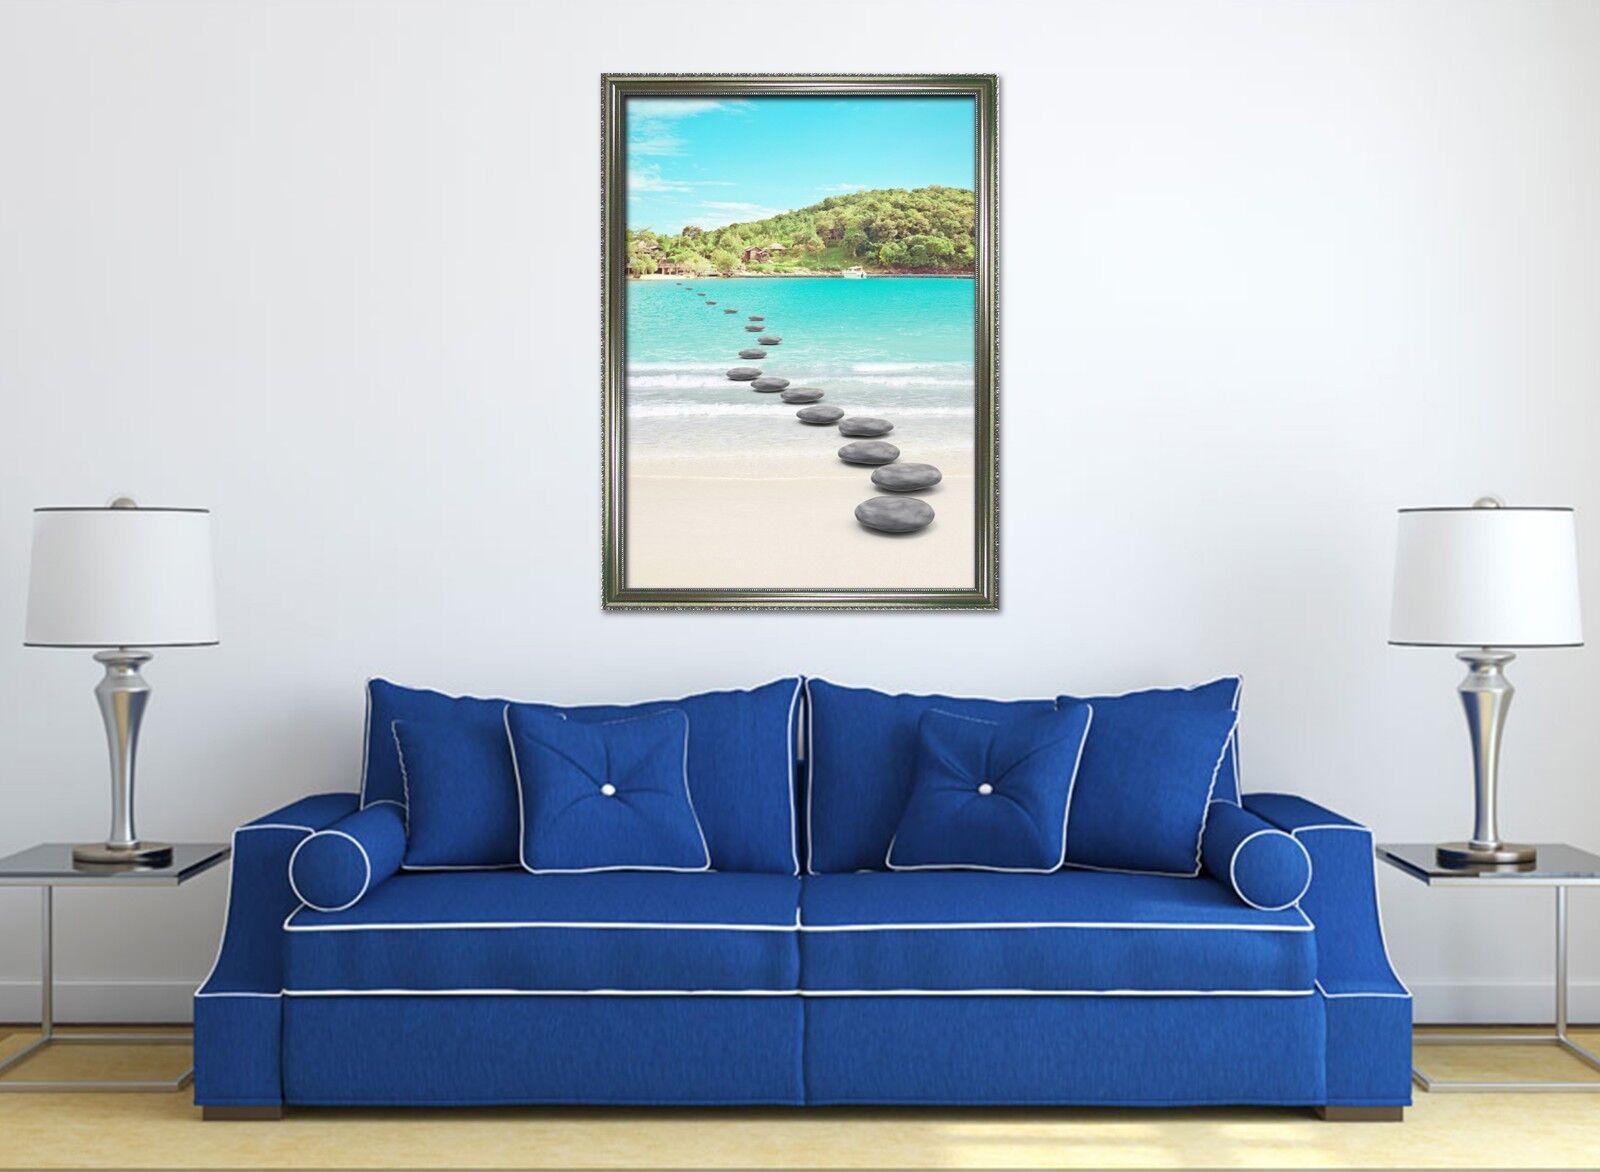 Ruta de playa Piedras 3D 3 Póster Enmarcado Decoración del Hogar Pintura de Impresión Arte AJ Wallpaper